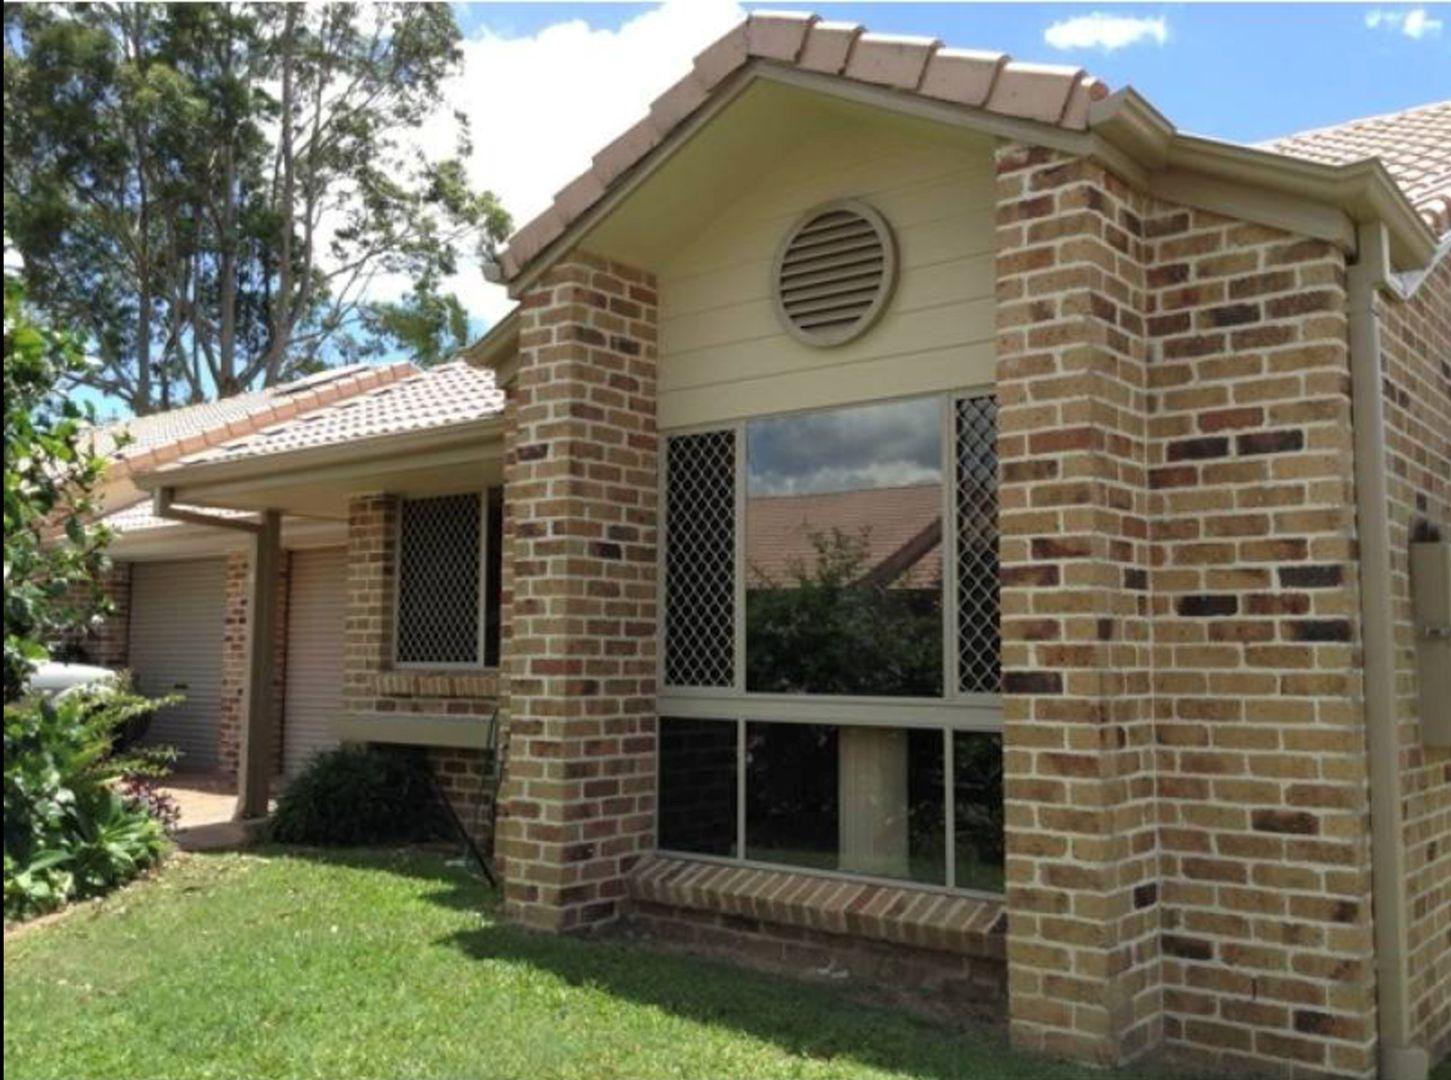 17/7 Bauhinia Avenue, Enoggera QLD 4051, Image 0